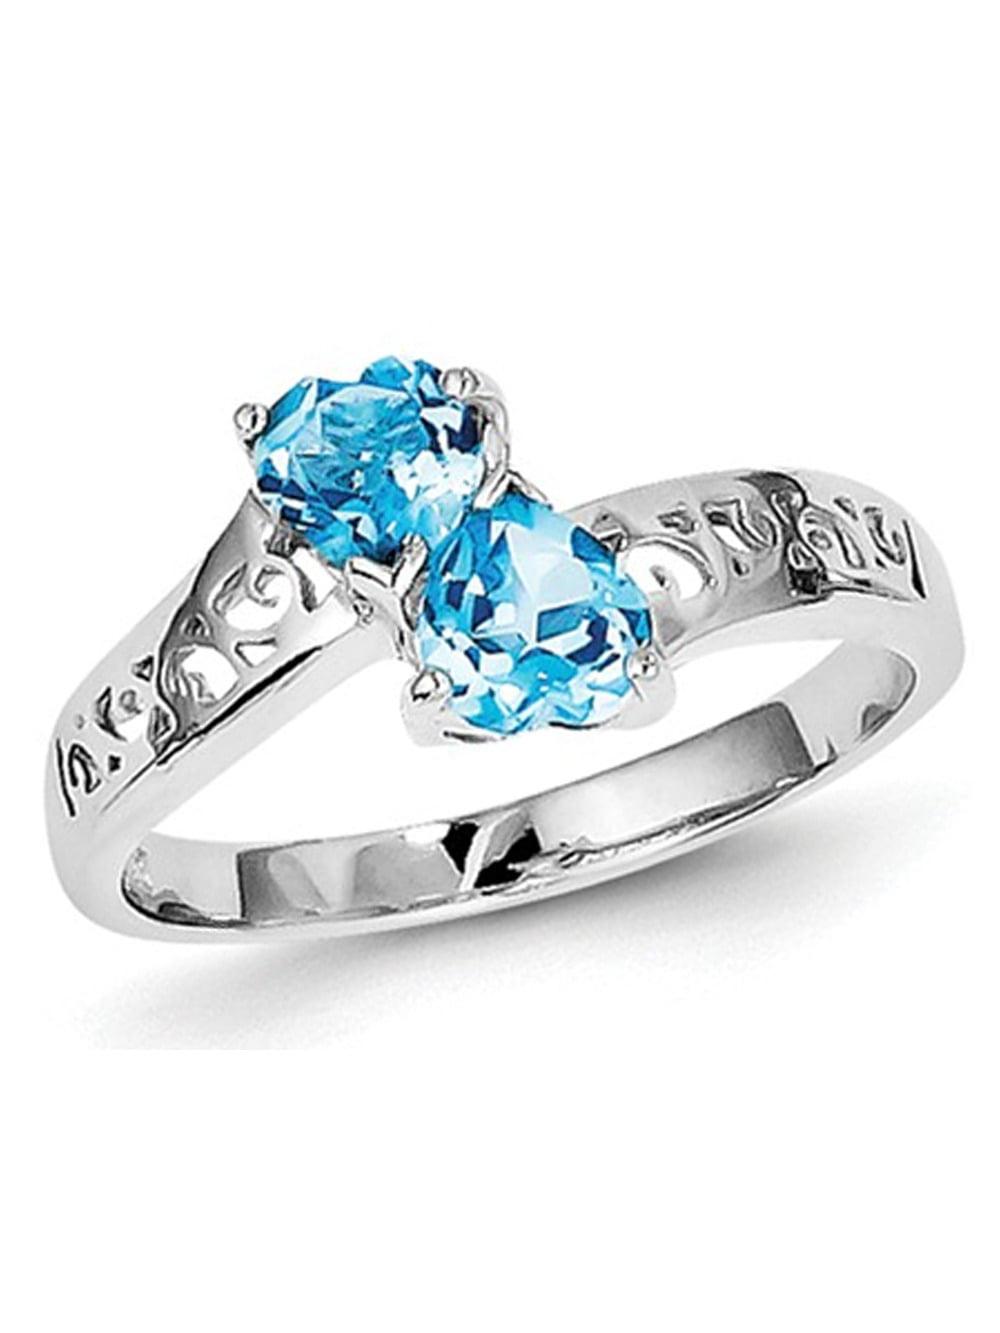 1.00 Carat (ctw) Swiss Blue Topaz Heart Ring in Sterling Silver